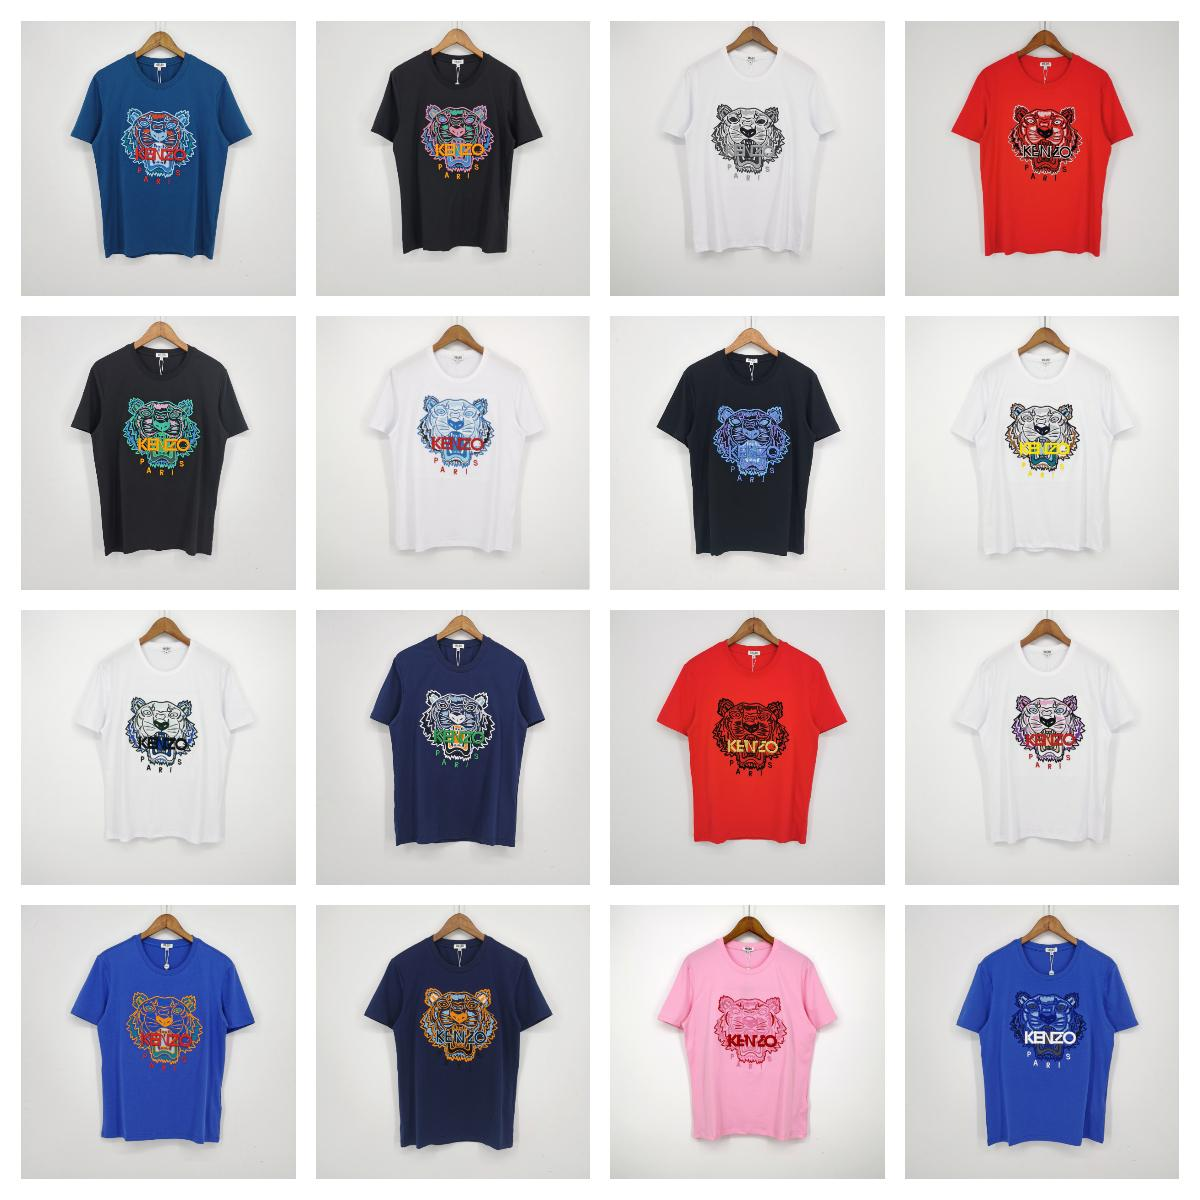 2020 بالجملة العلامة التجارية قميص مصمم النساء الرجال النمر تي شيرت عارضة الازياء لربيع وصيف تيز عالية الجودة التي شيرت 88 20032801W